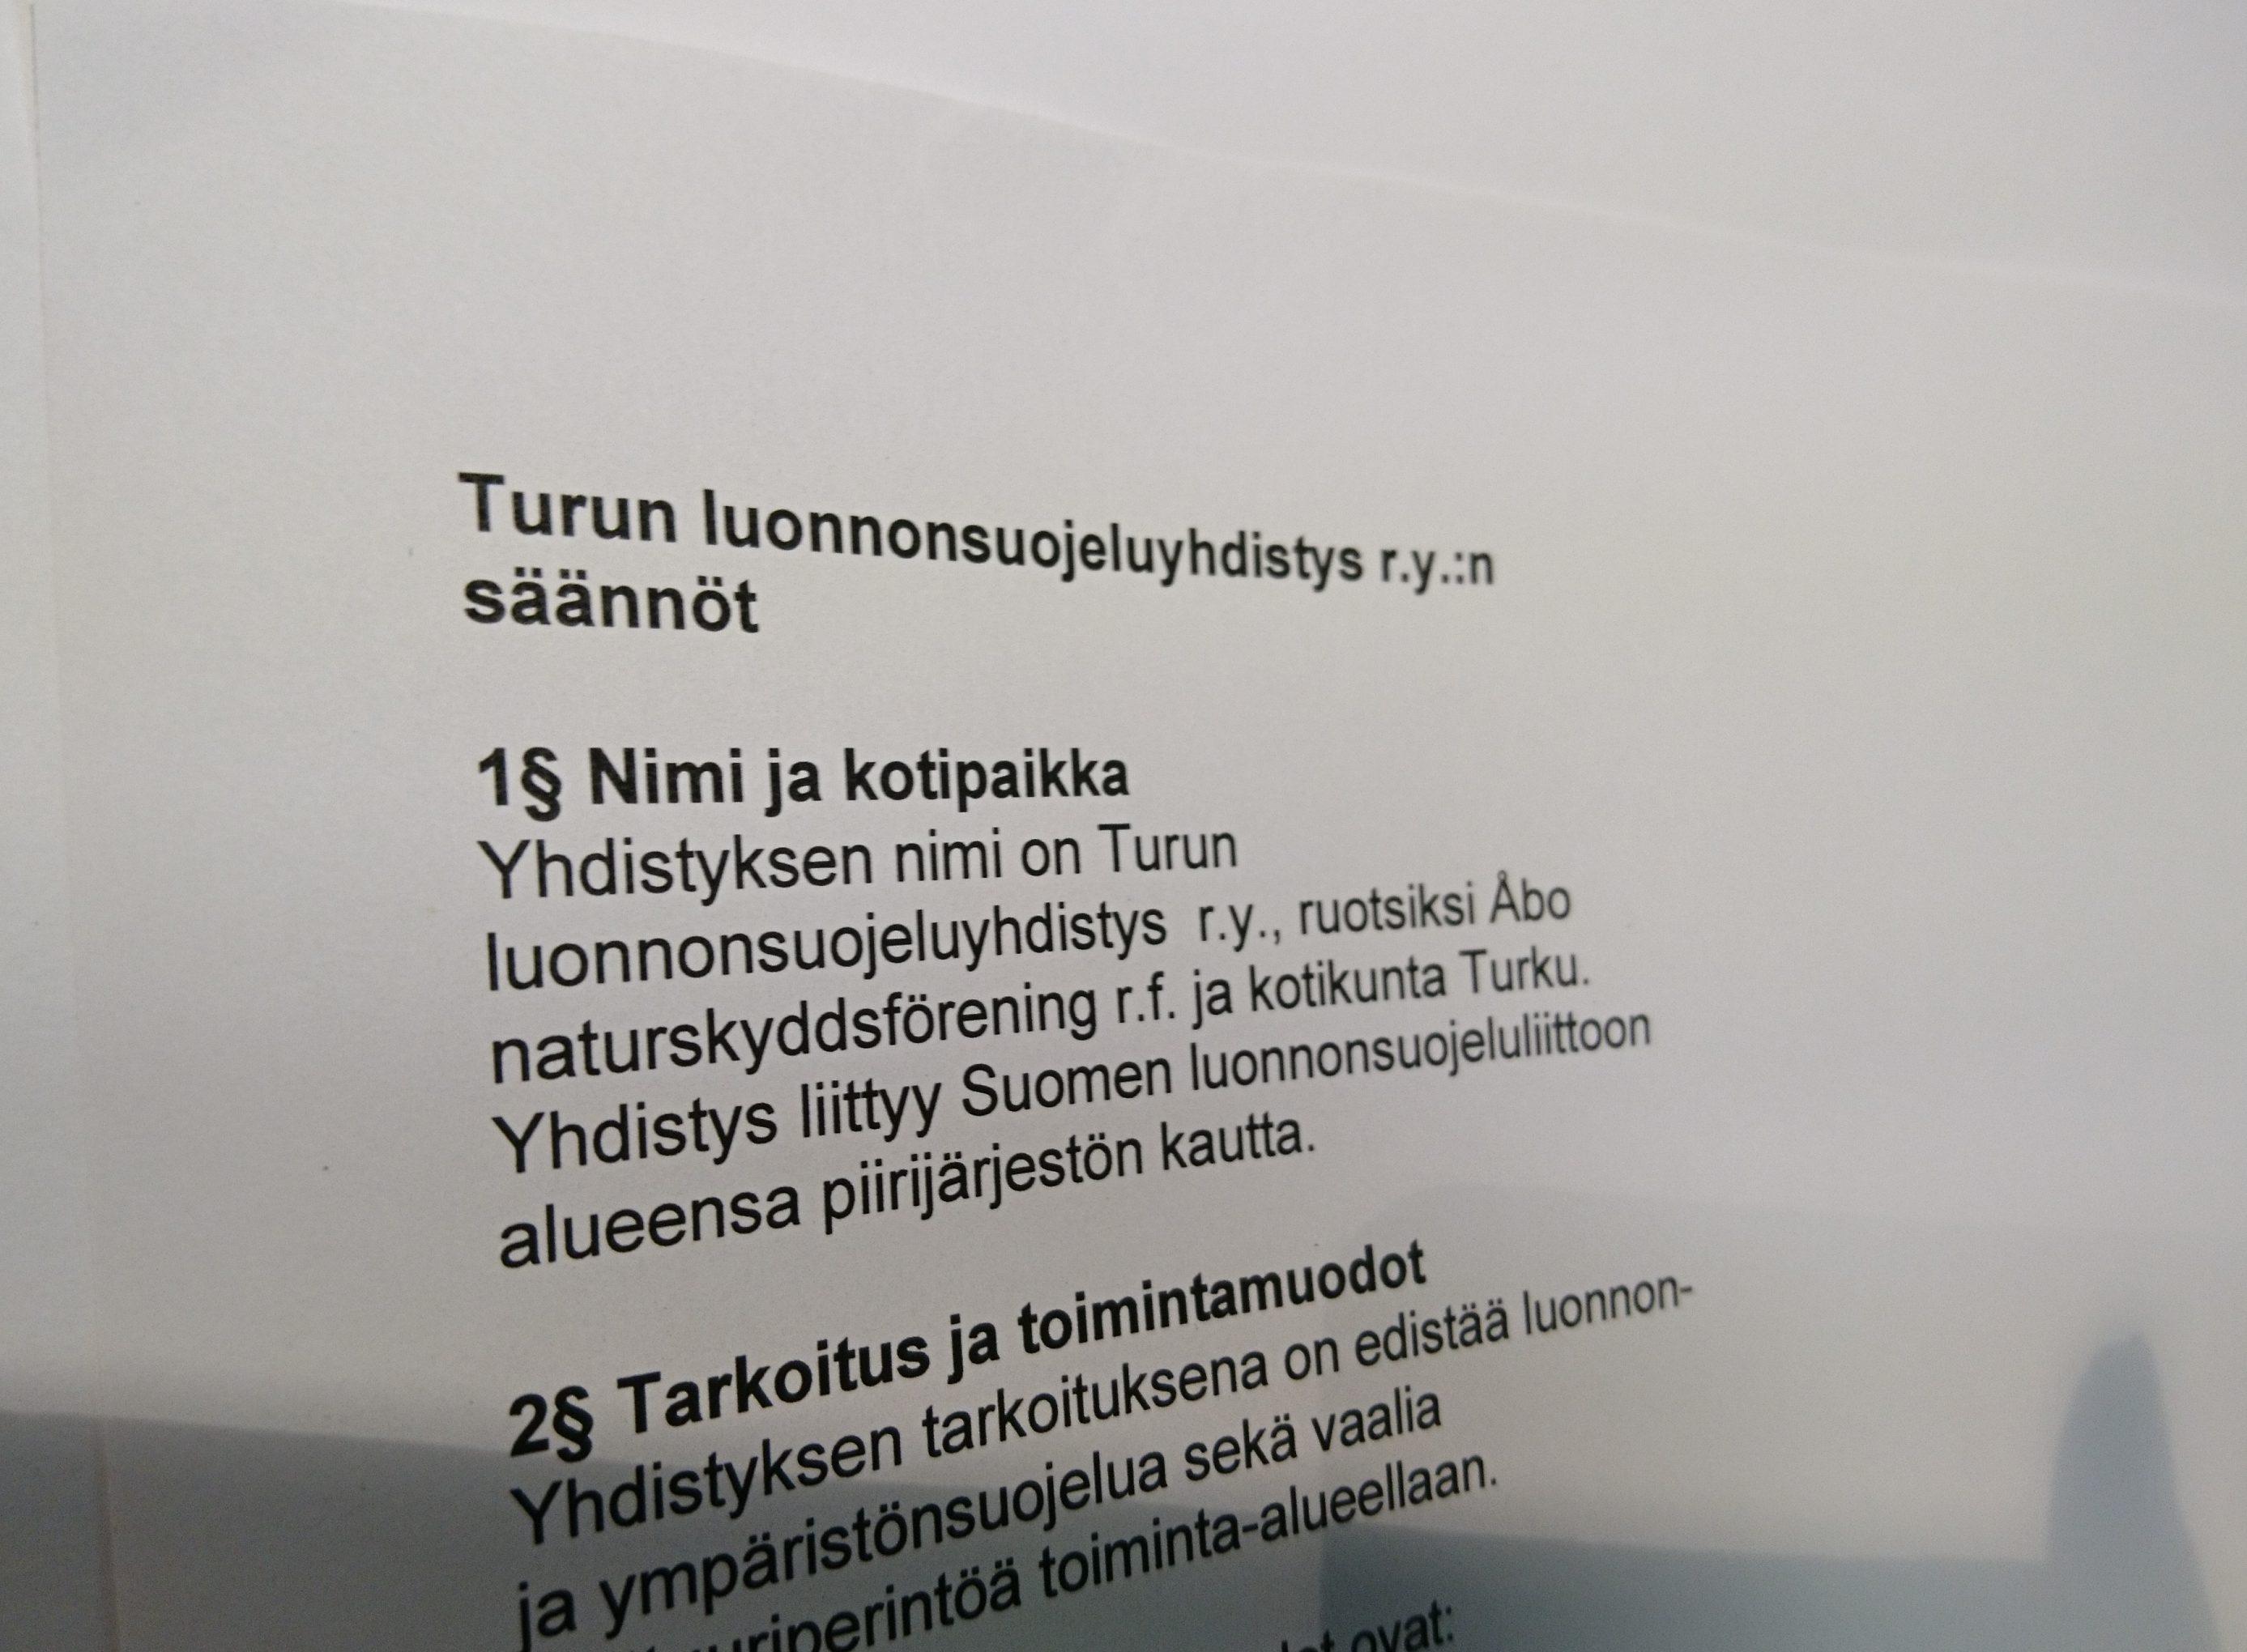 Keski-Suomen Kiinteistöyhdistys ry:n säännöt